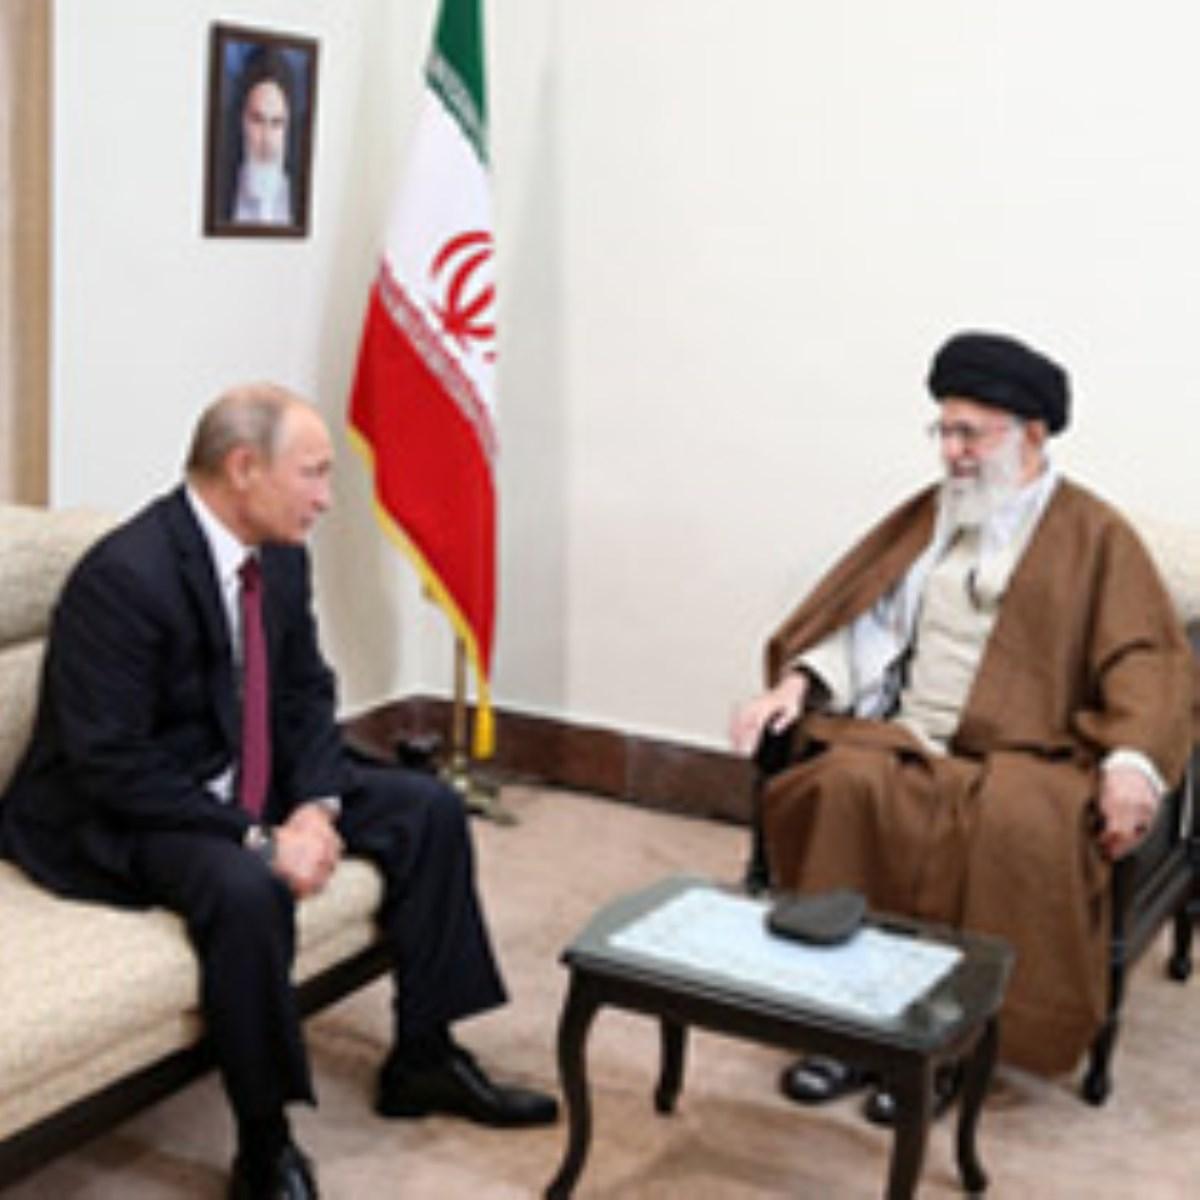 گزارش تصویری / دیدار رئیسجمهوری روسیه و هیات همراه با رهبر انقلاب